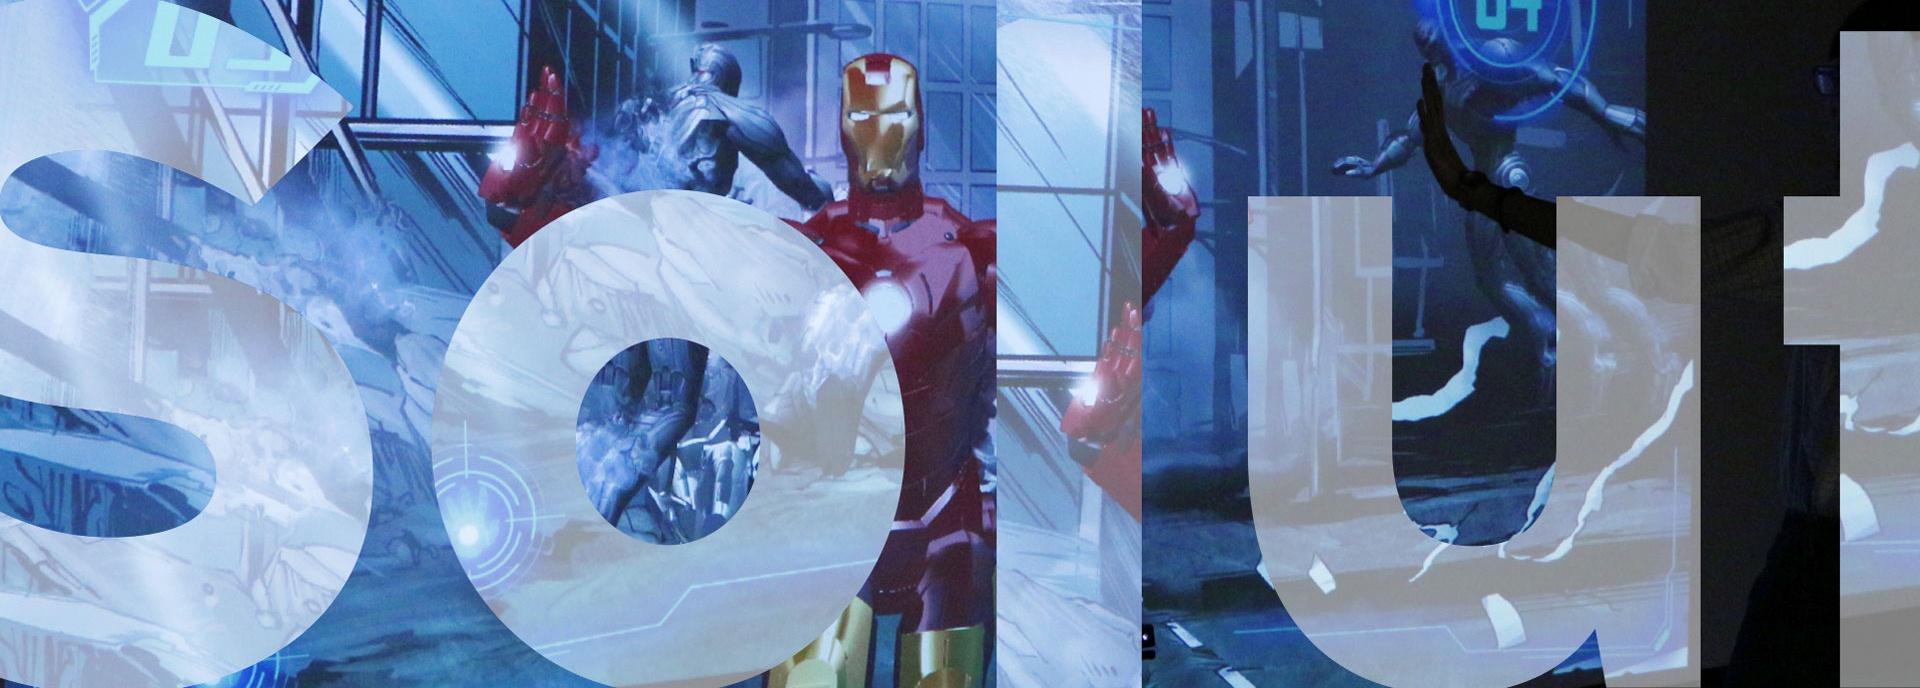 為香港3D體驗館設計一款運用投影觸屏技術製作的3D體感互動遊戲-鋼鐵俠